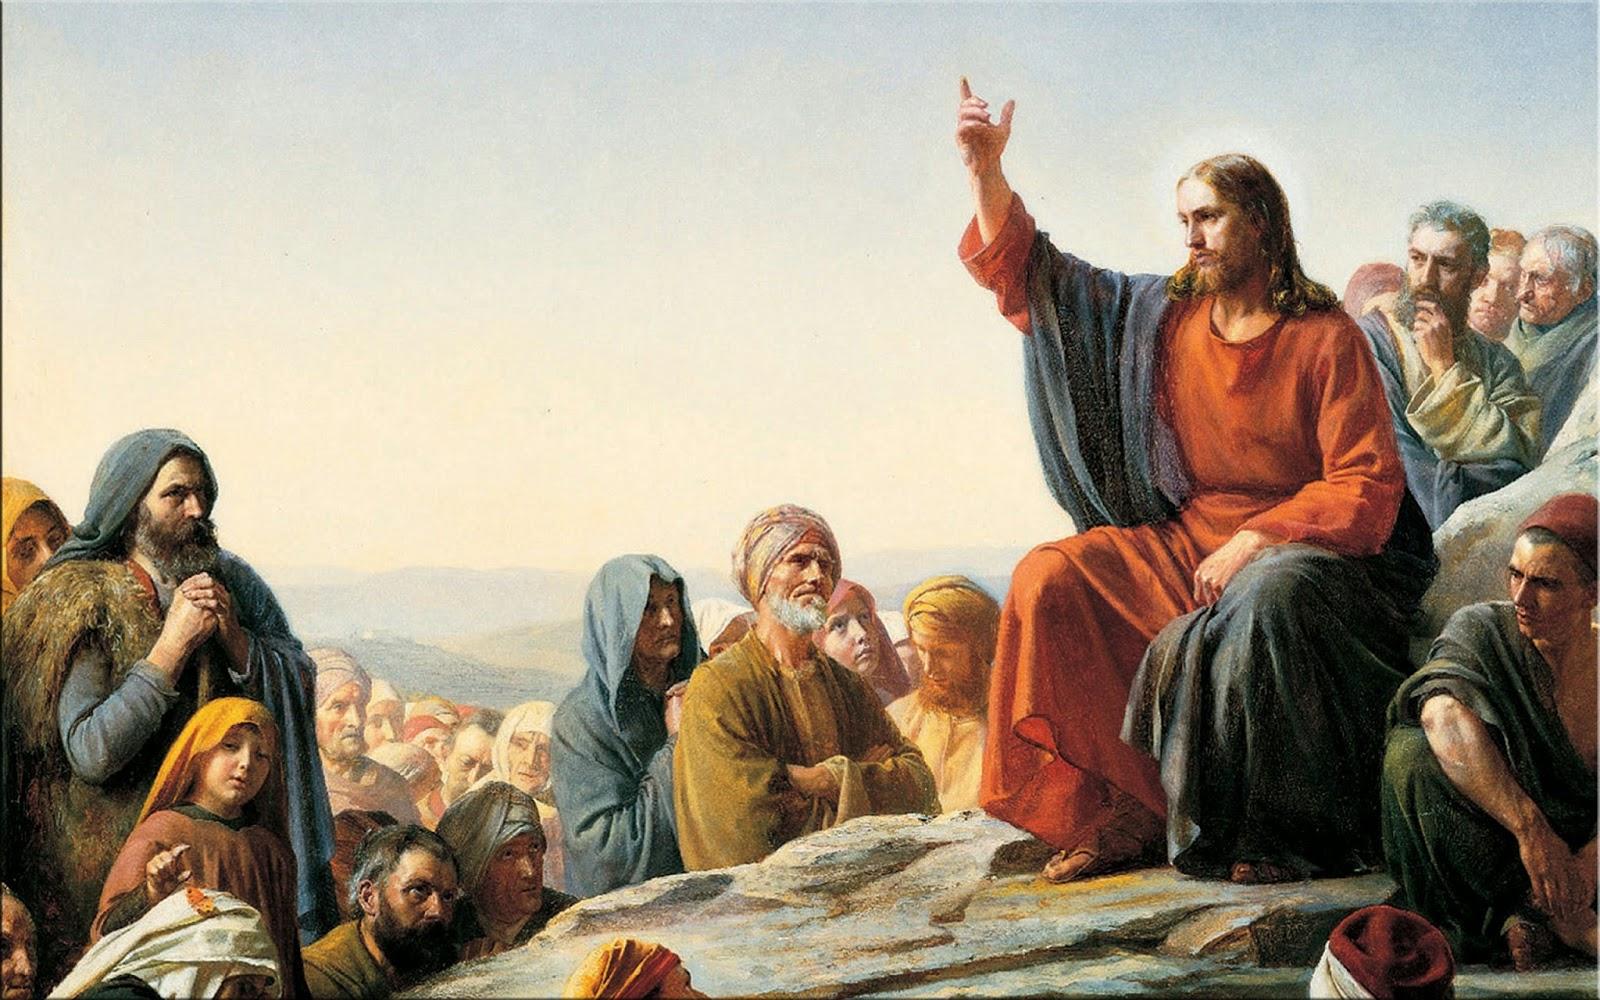 Chúa Jesus nói tiếng gì?